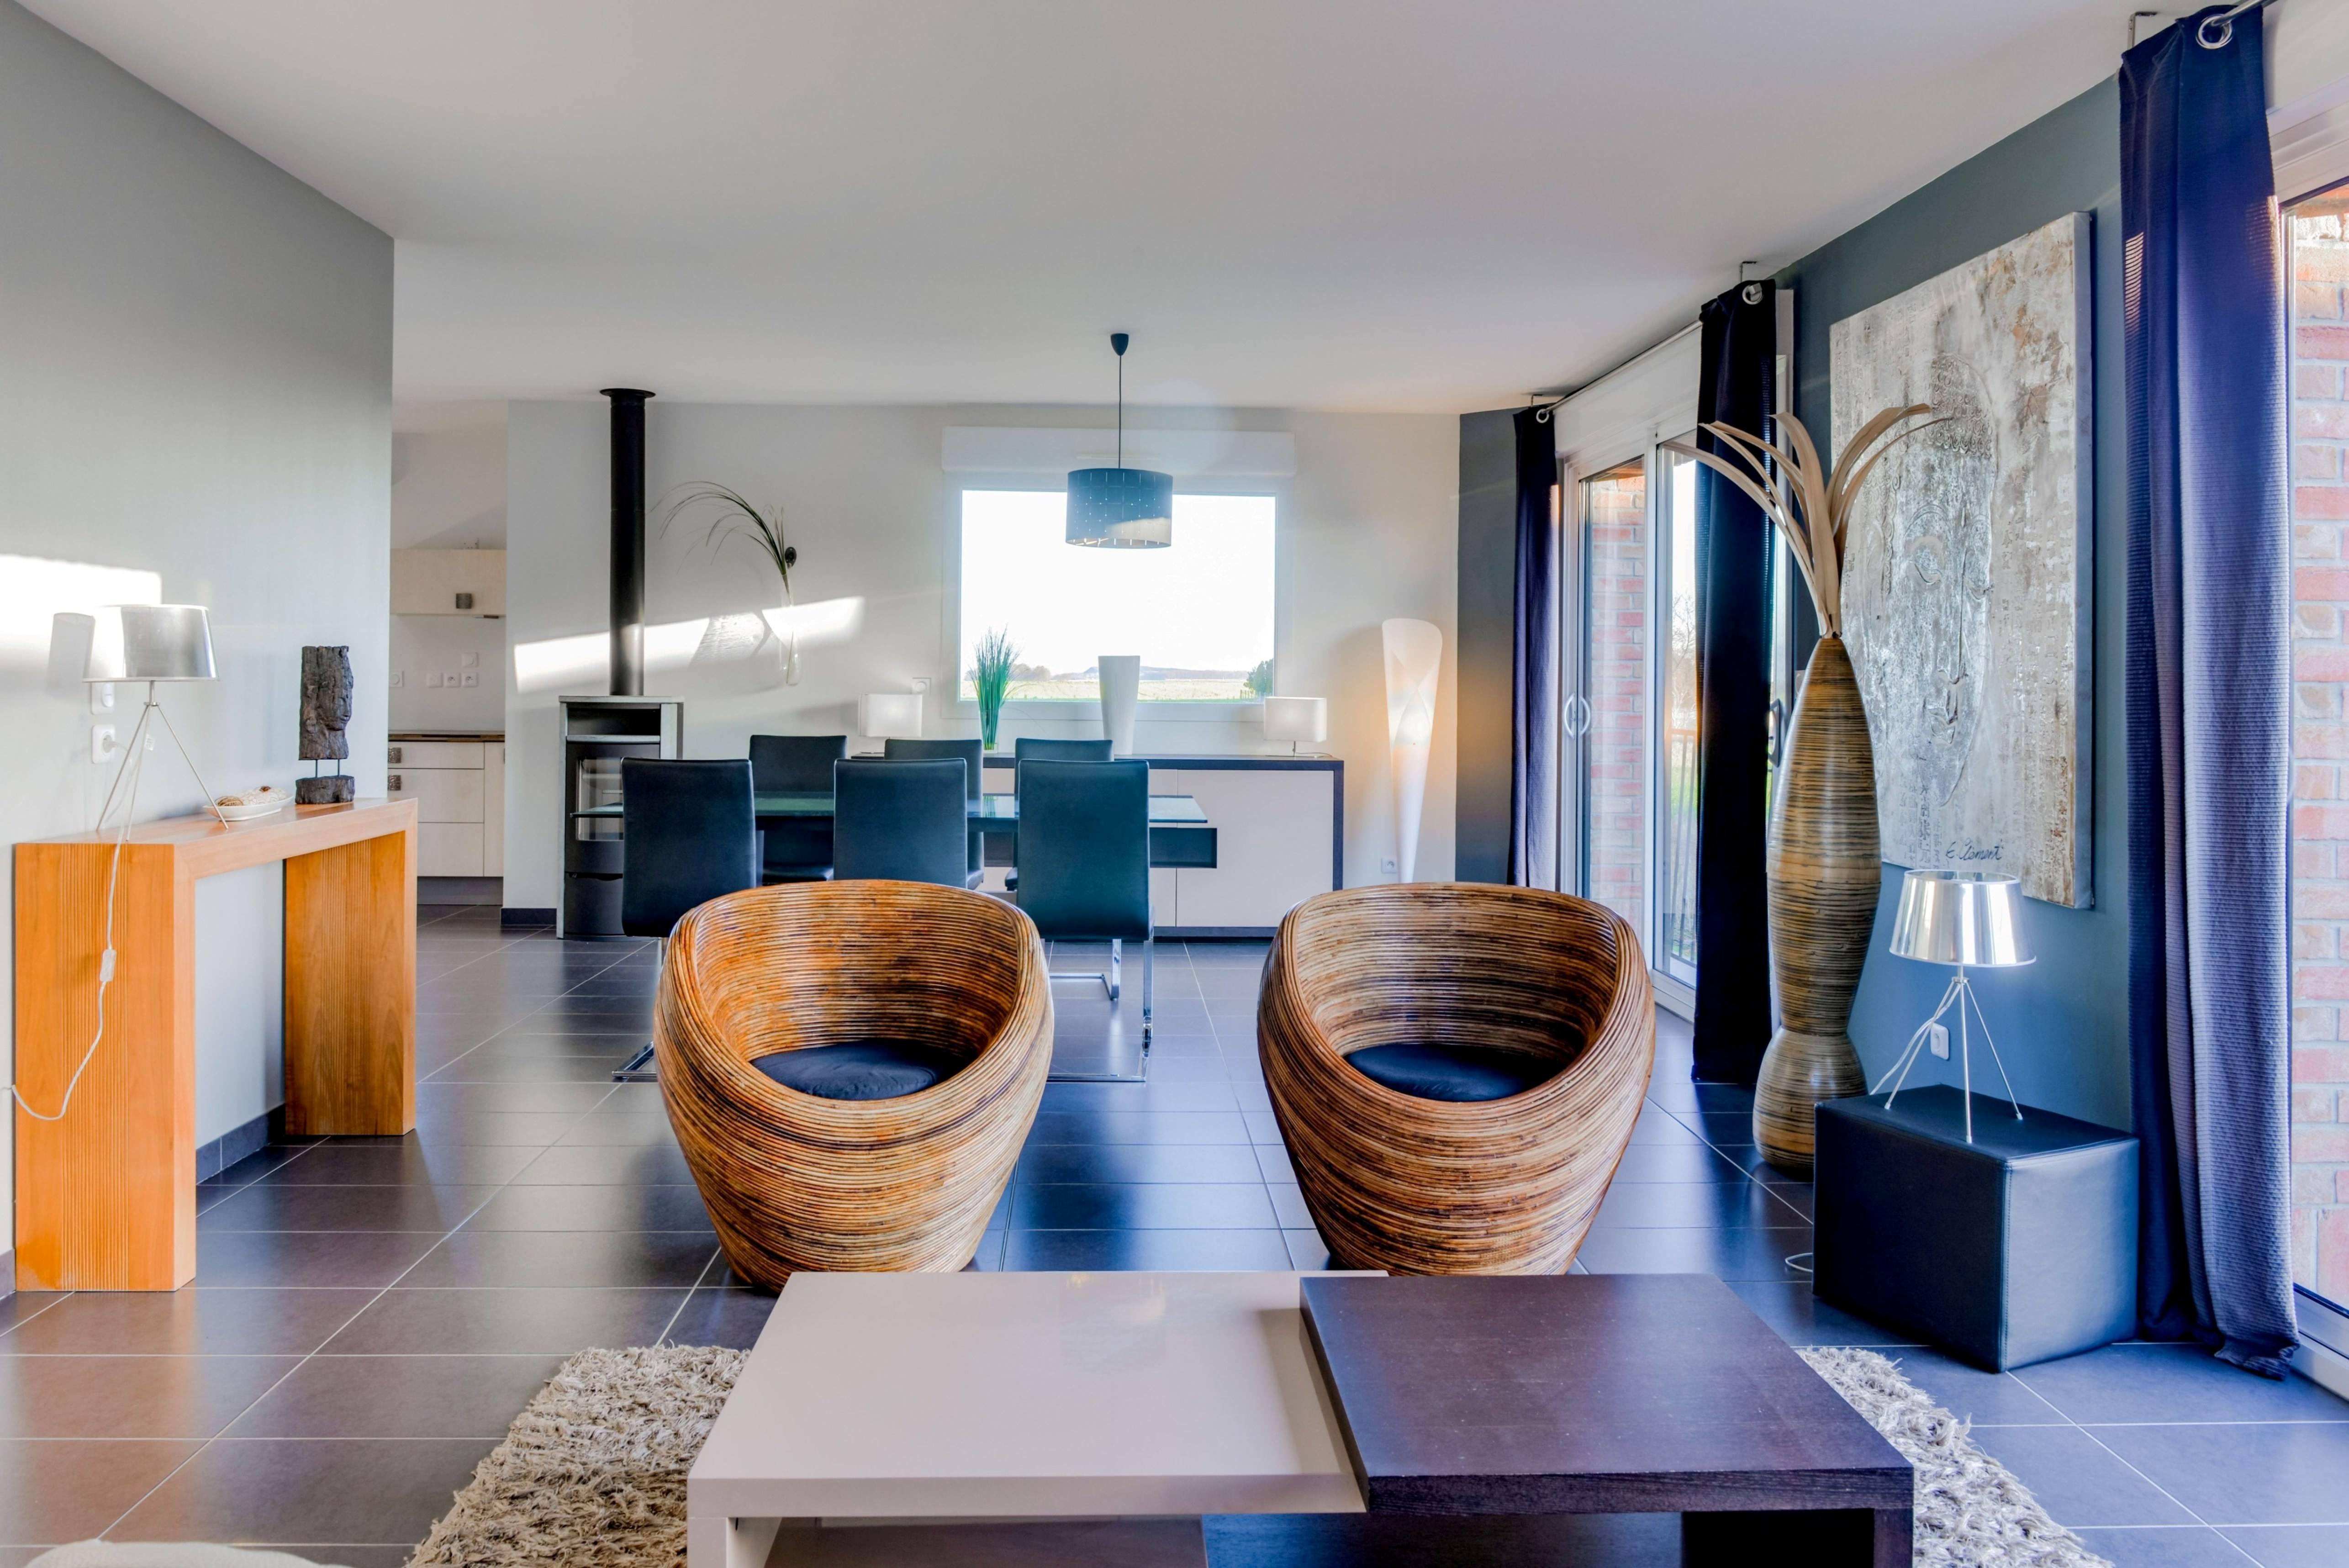 Maisons + Terrains du constructeur MAISON FAMILIALE MANTES • 125 m² • LONGNES